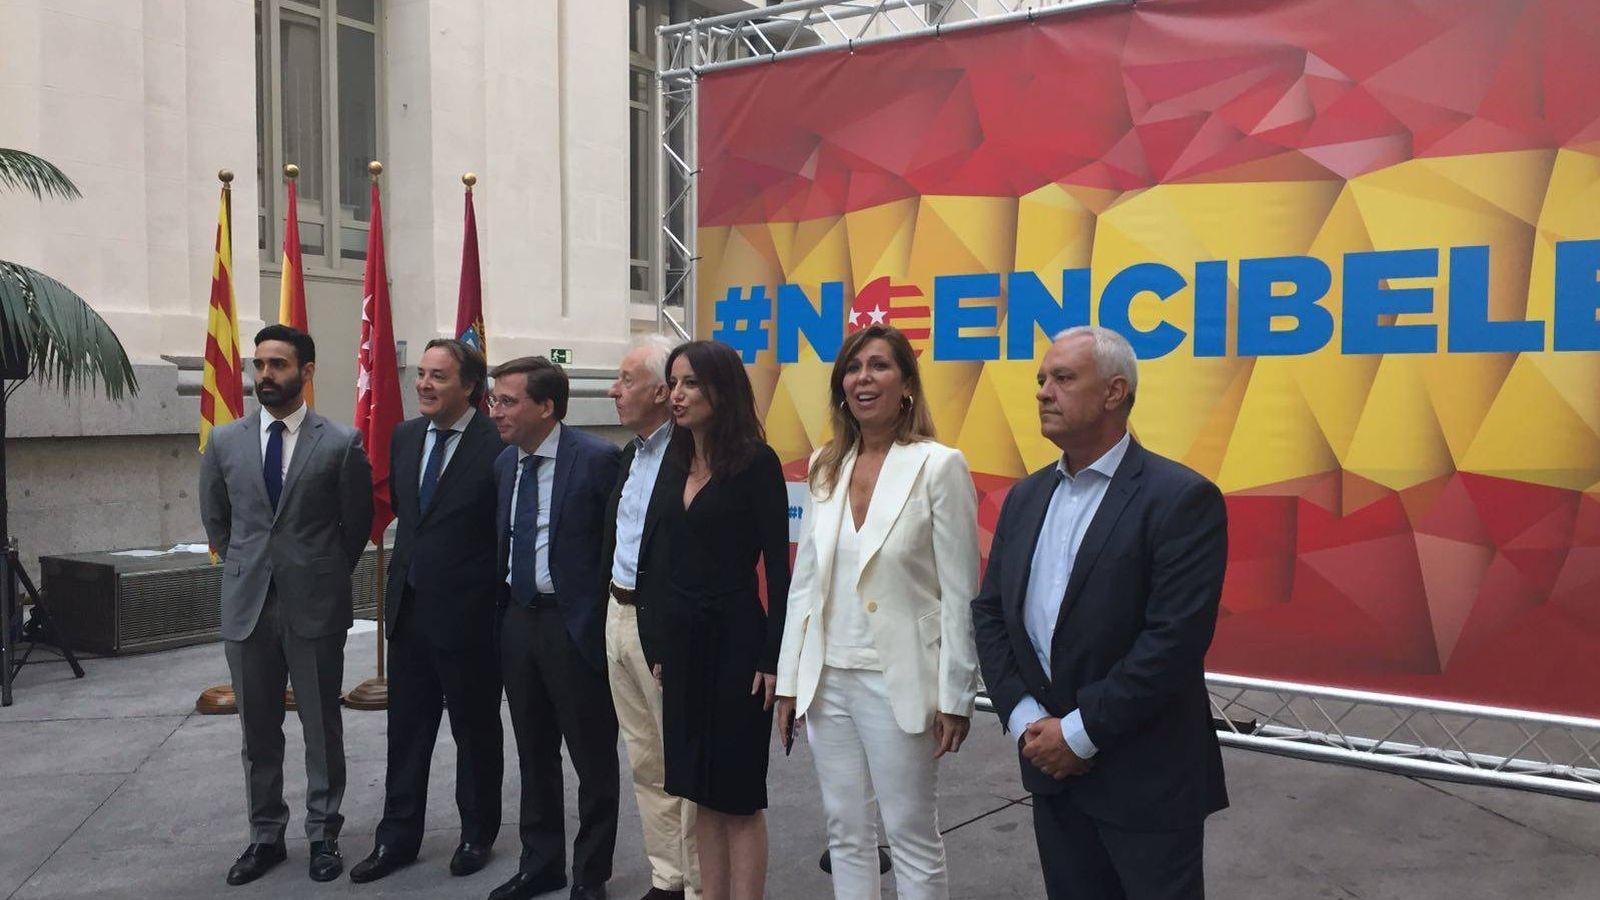 Foto: Acto organizado por el PP de Madrid en el Ayuntamiento. (EC)